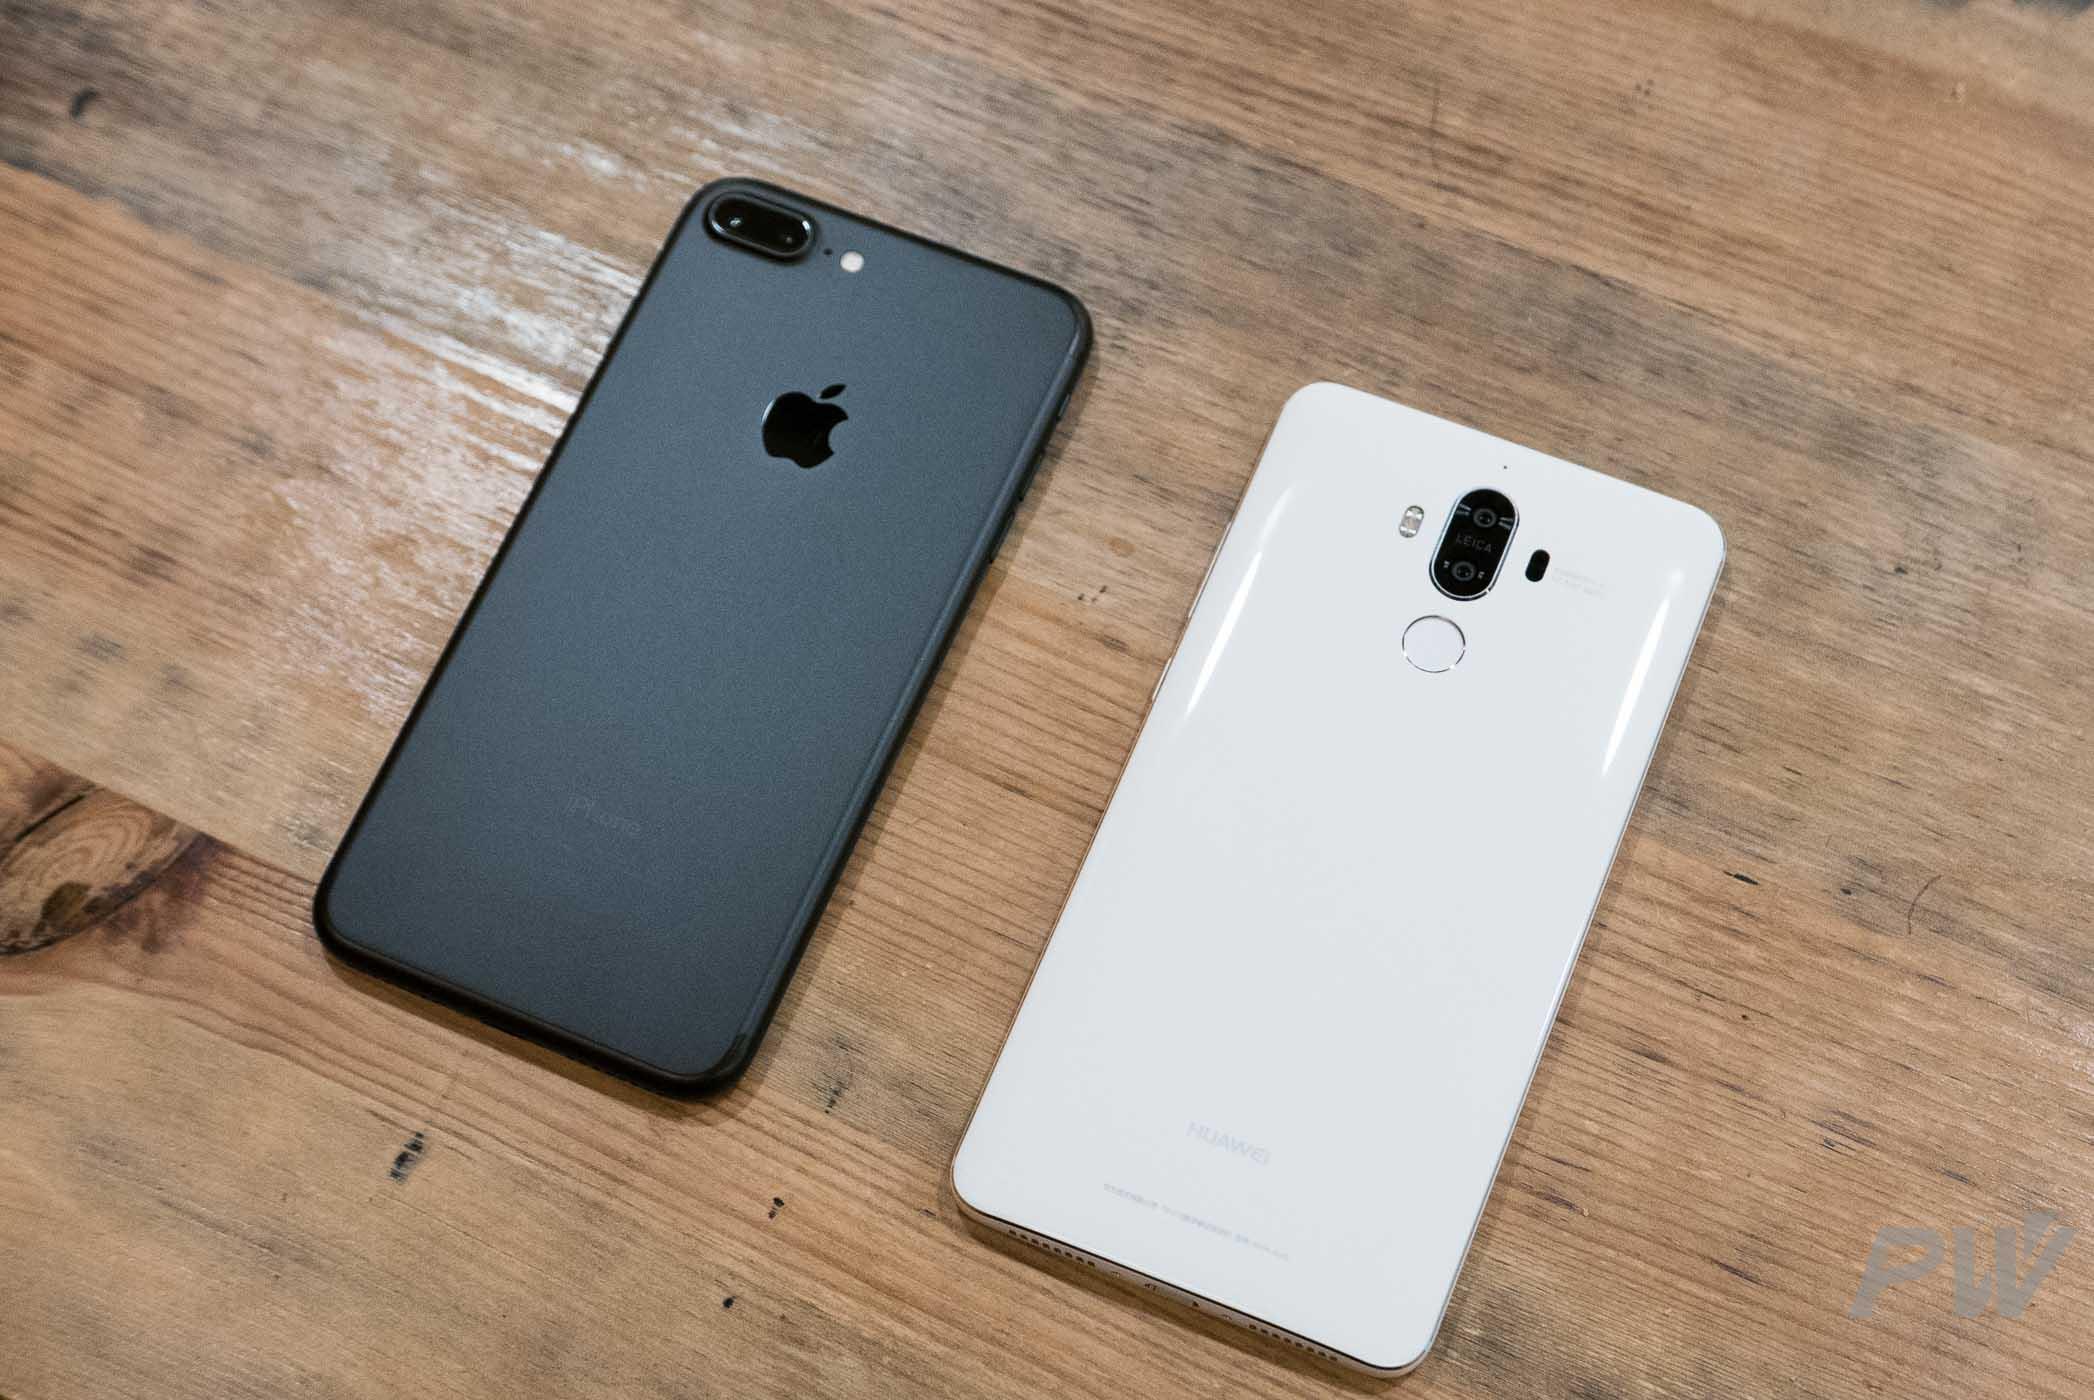 华为 Mate 9 和 iPhone 7 Plus,两者机身重量和体积十分接近。